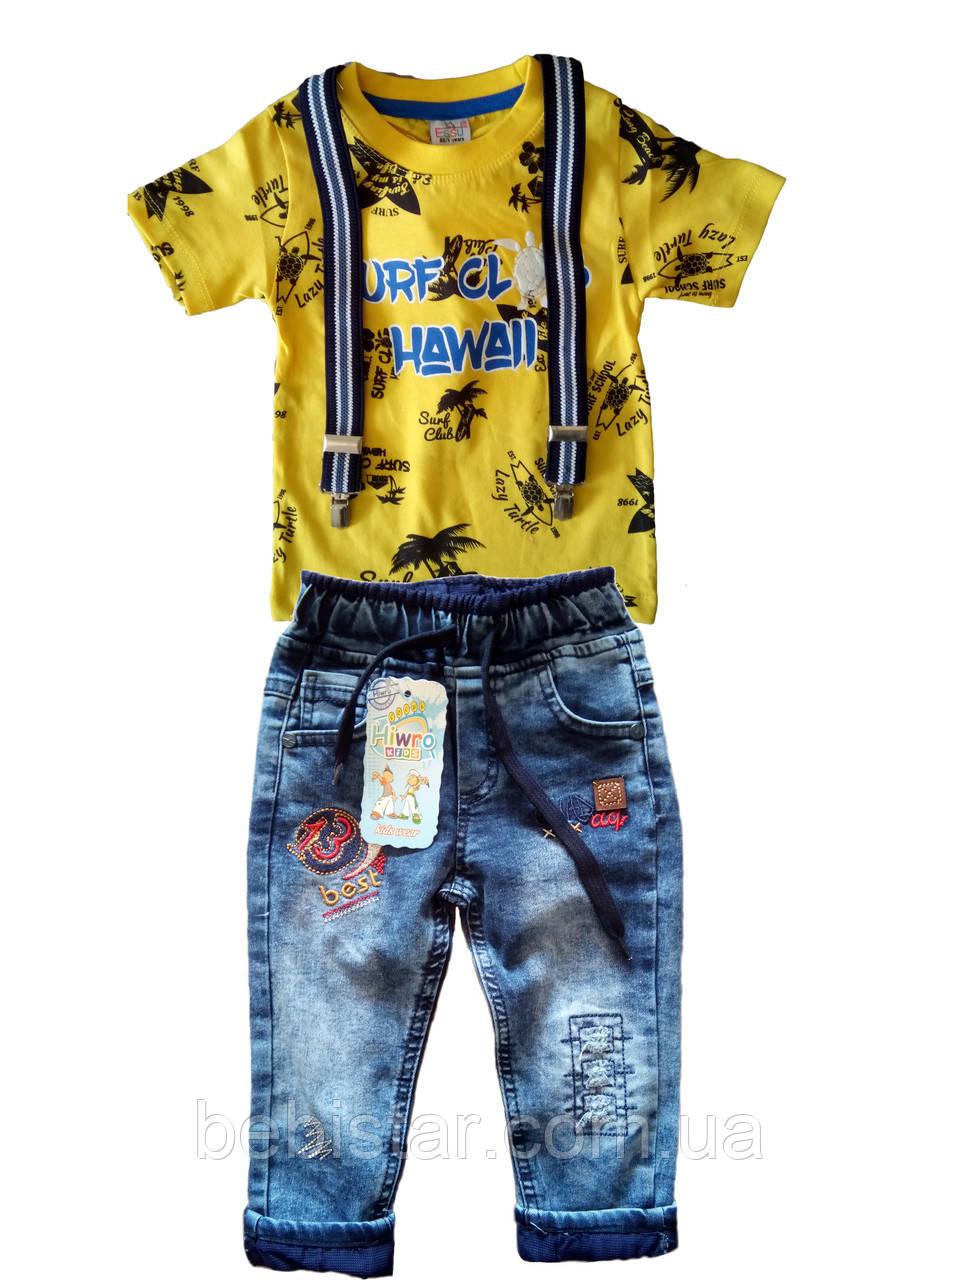 Джинсы на подтяжках синий манжет и футболка с пальмами для мальчика 1-4 года